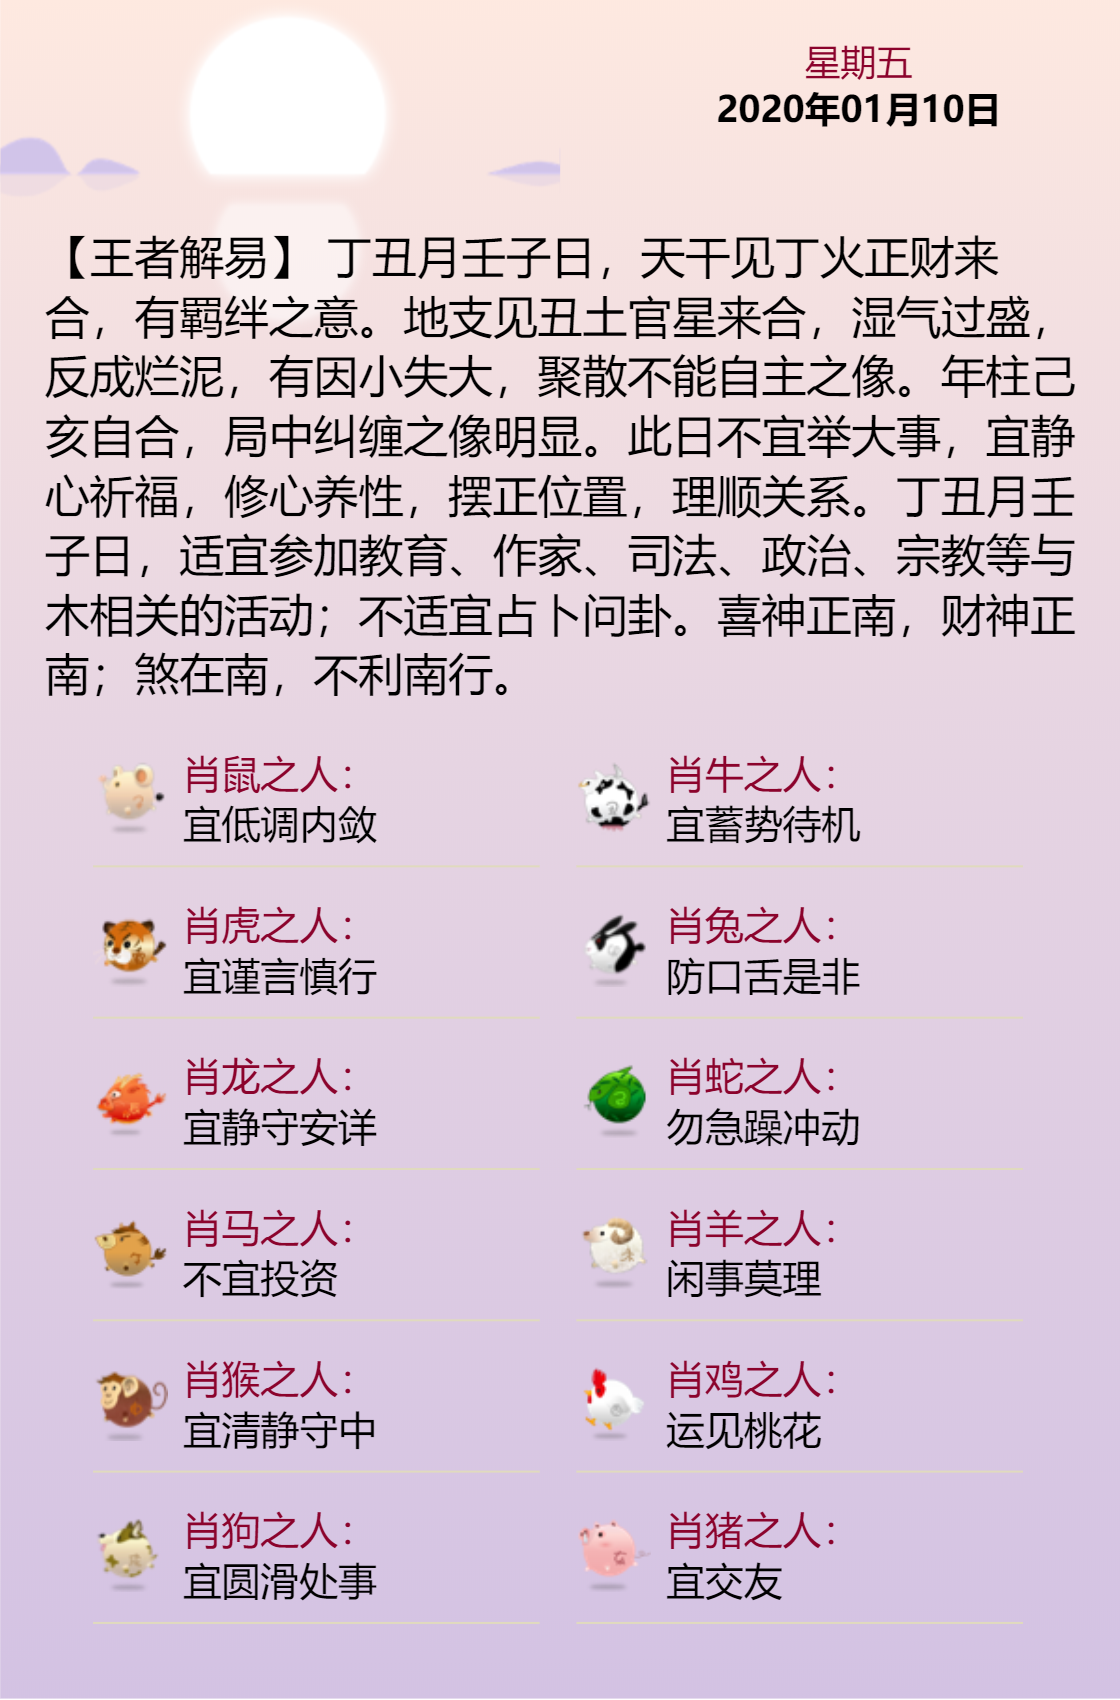 黄历海报20200110.png